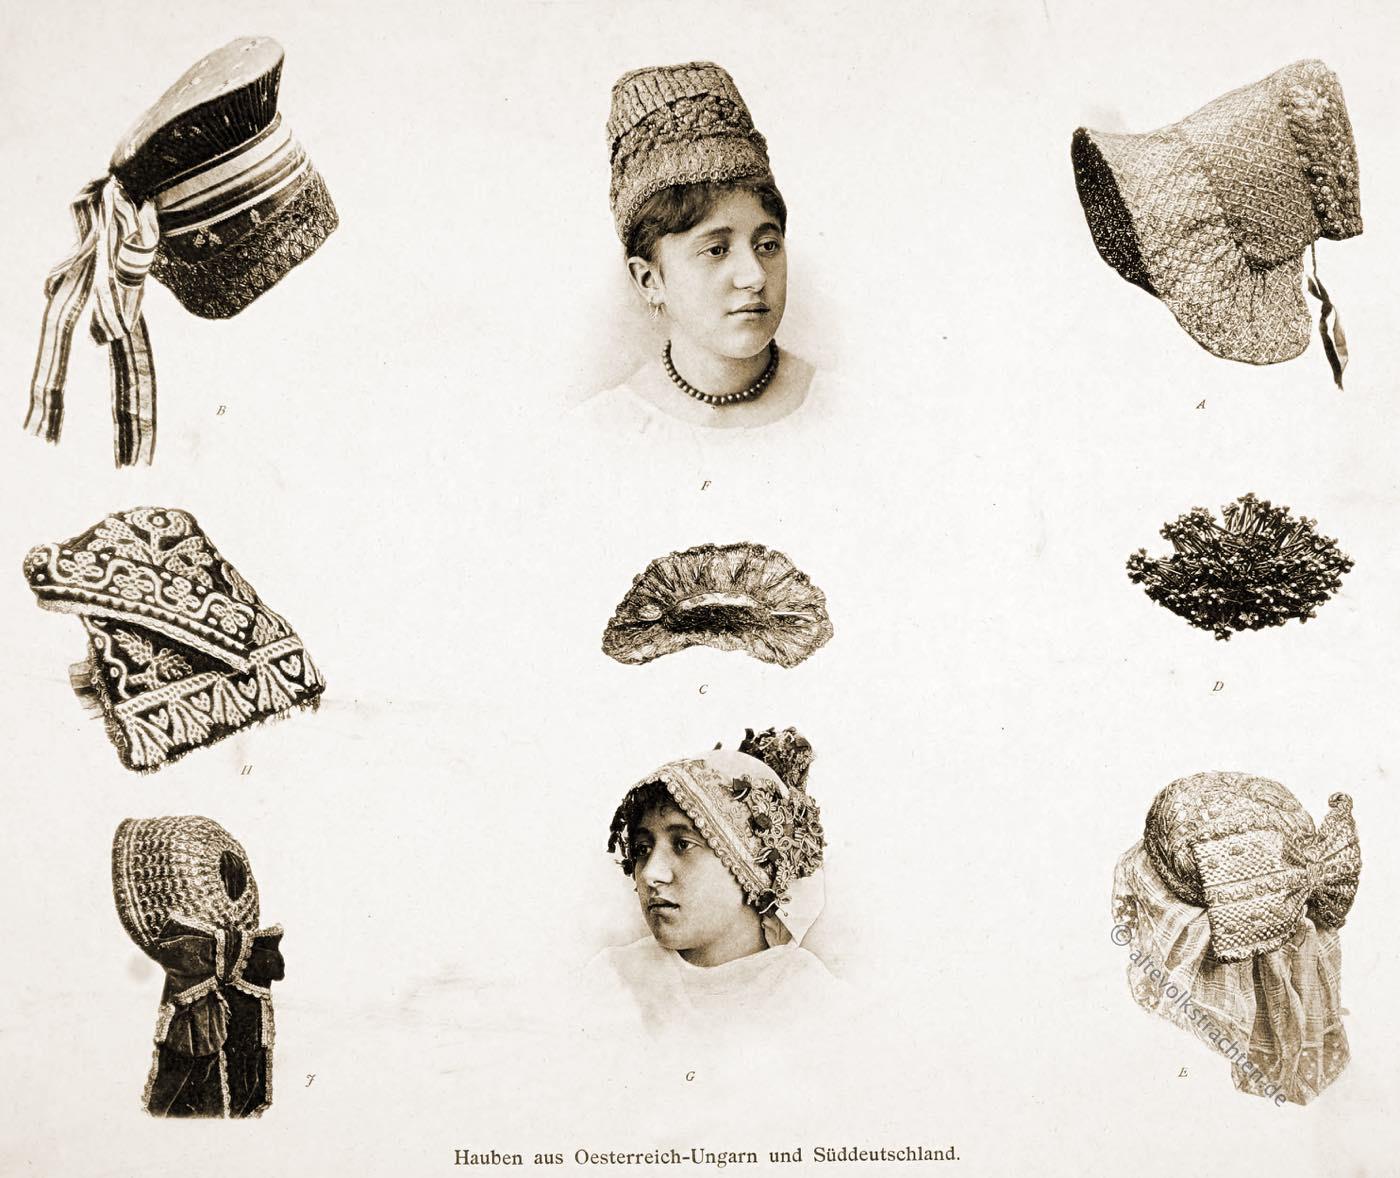 Trachtenhauben, Hauben, Österreich-Ungarn, Ungarn,